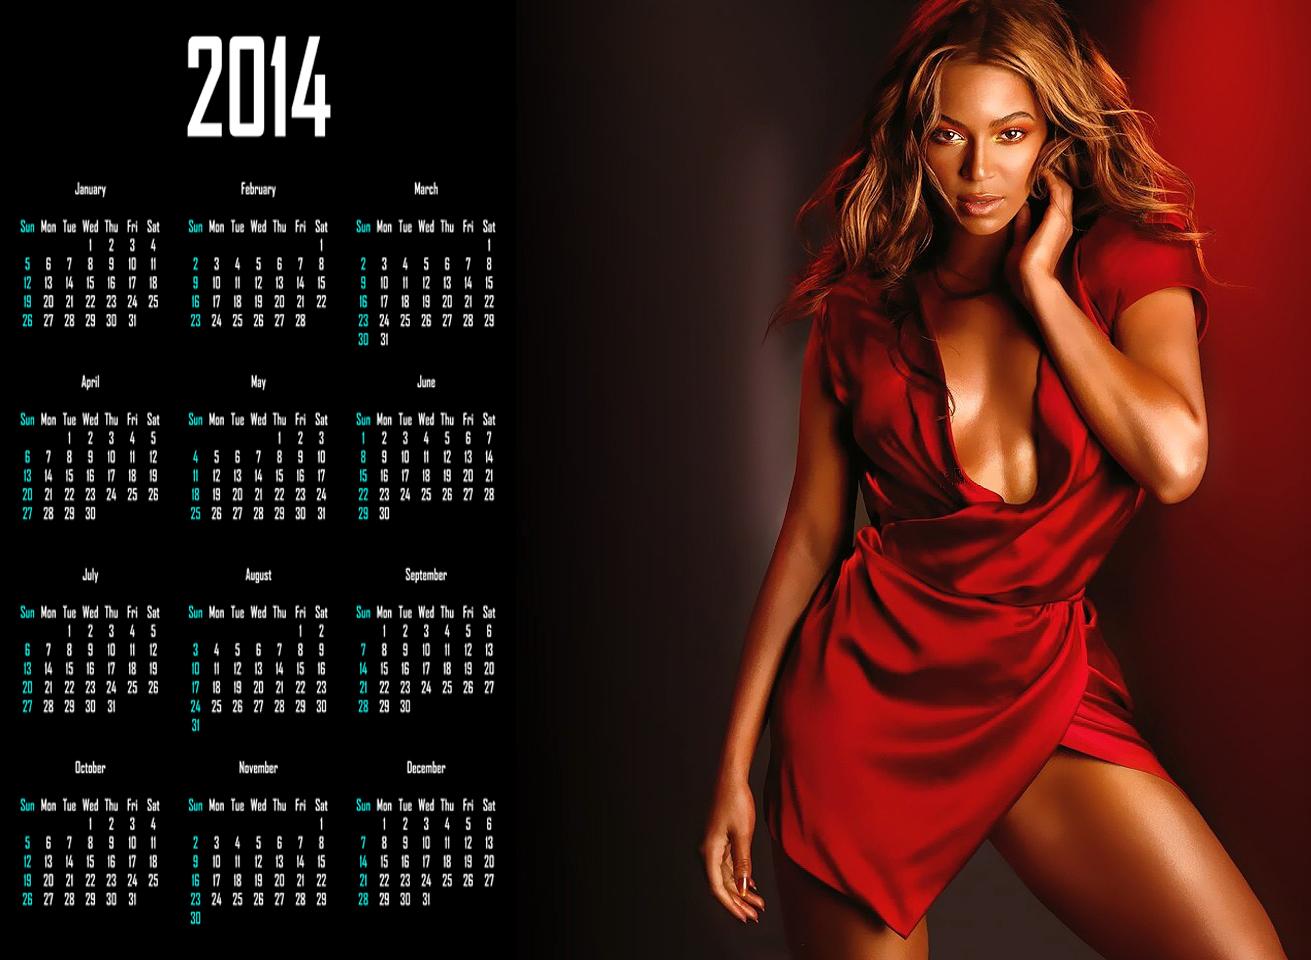 hot women 2014 calendar